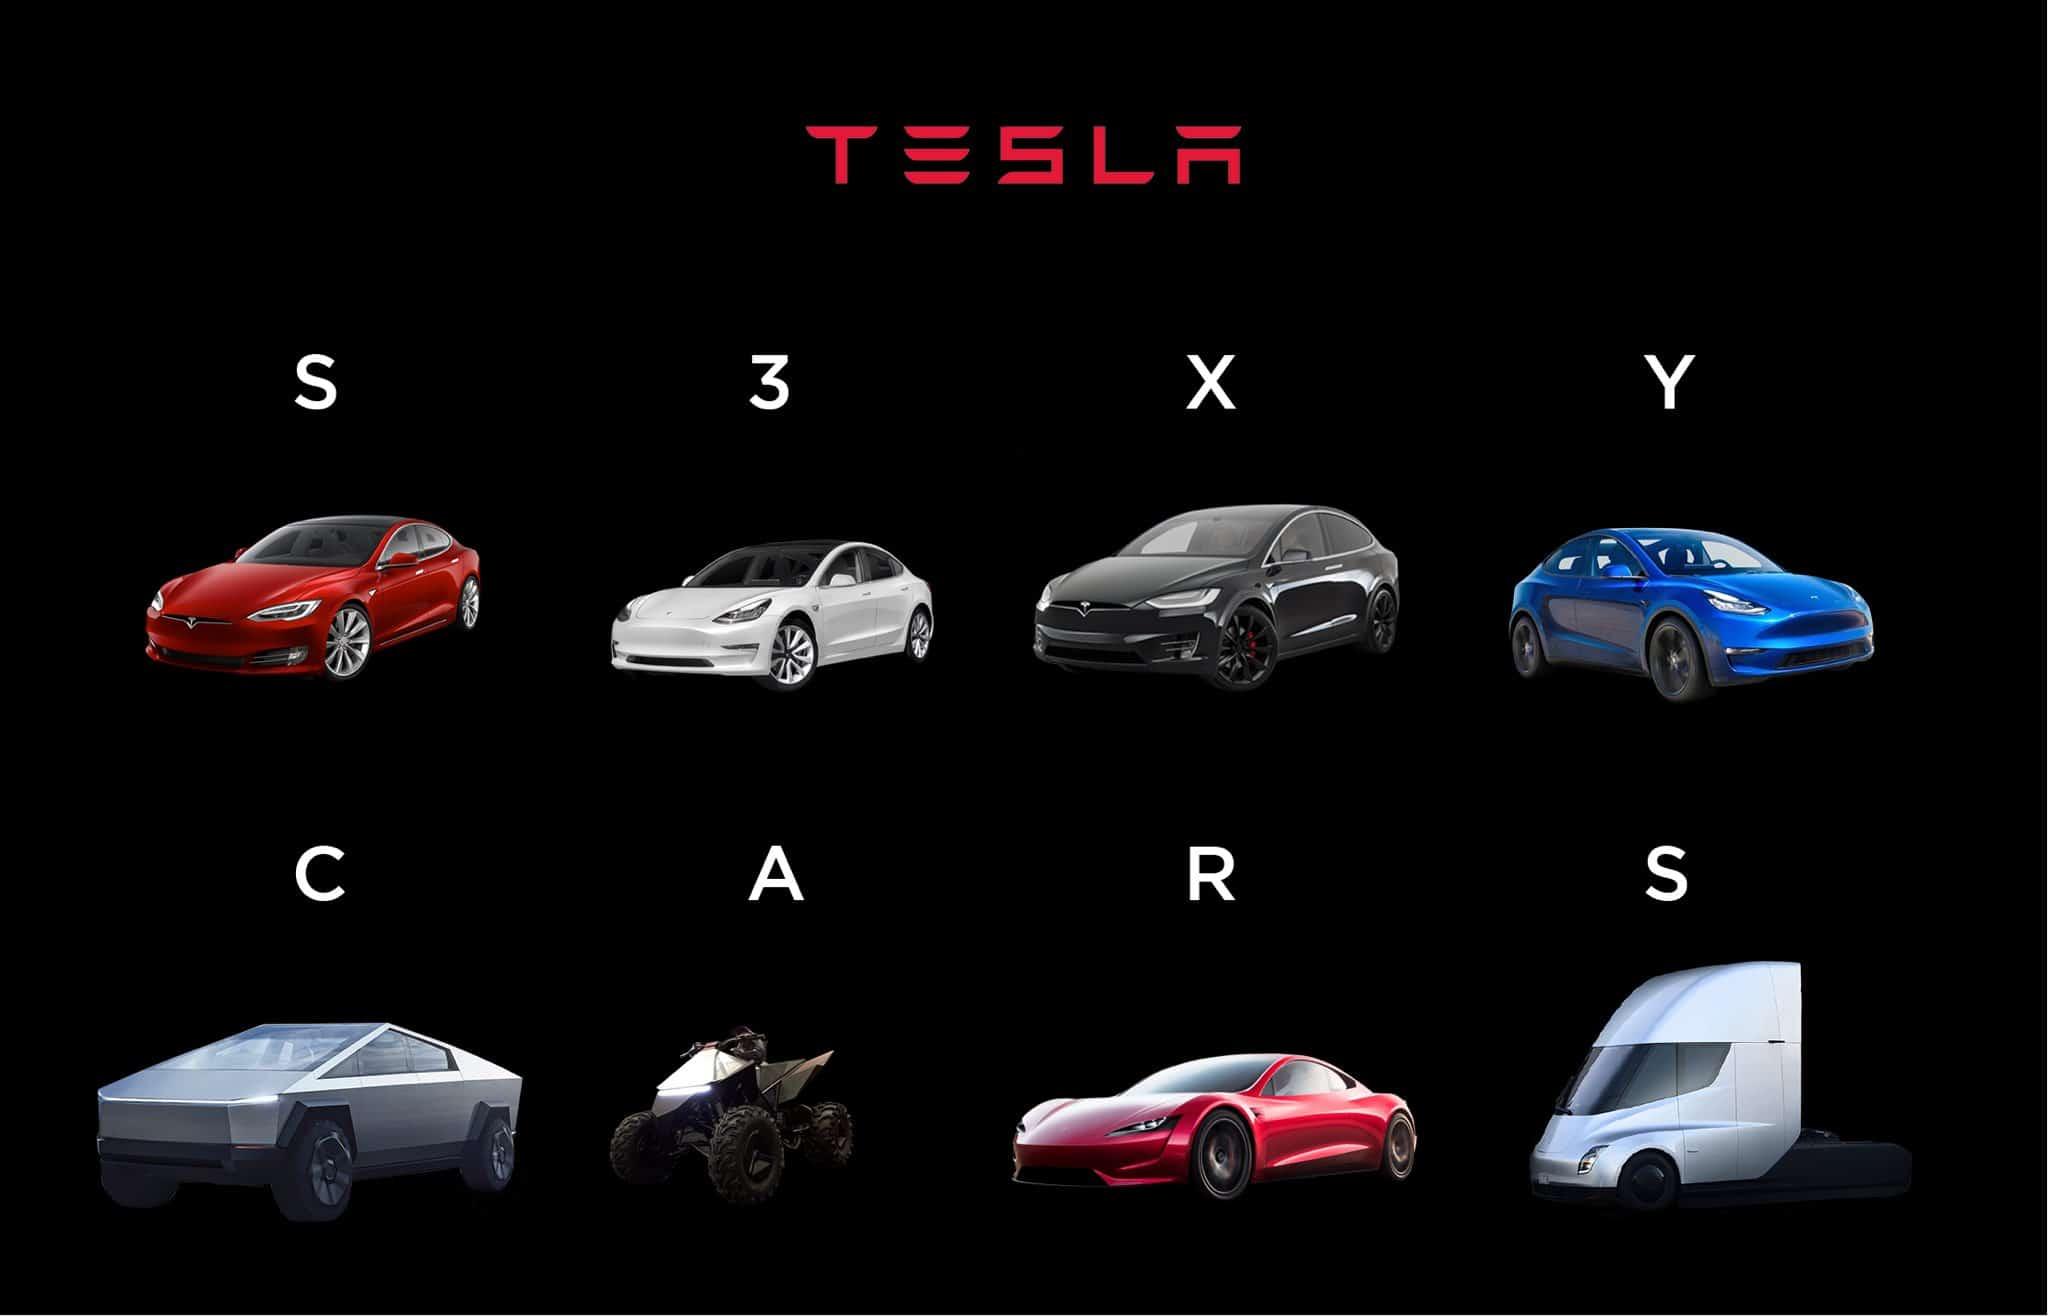 """Gamme modèles Tesla """"S3XY CARS"""""""